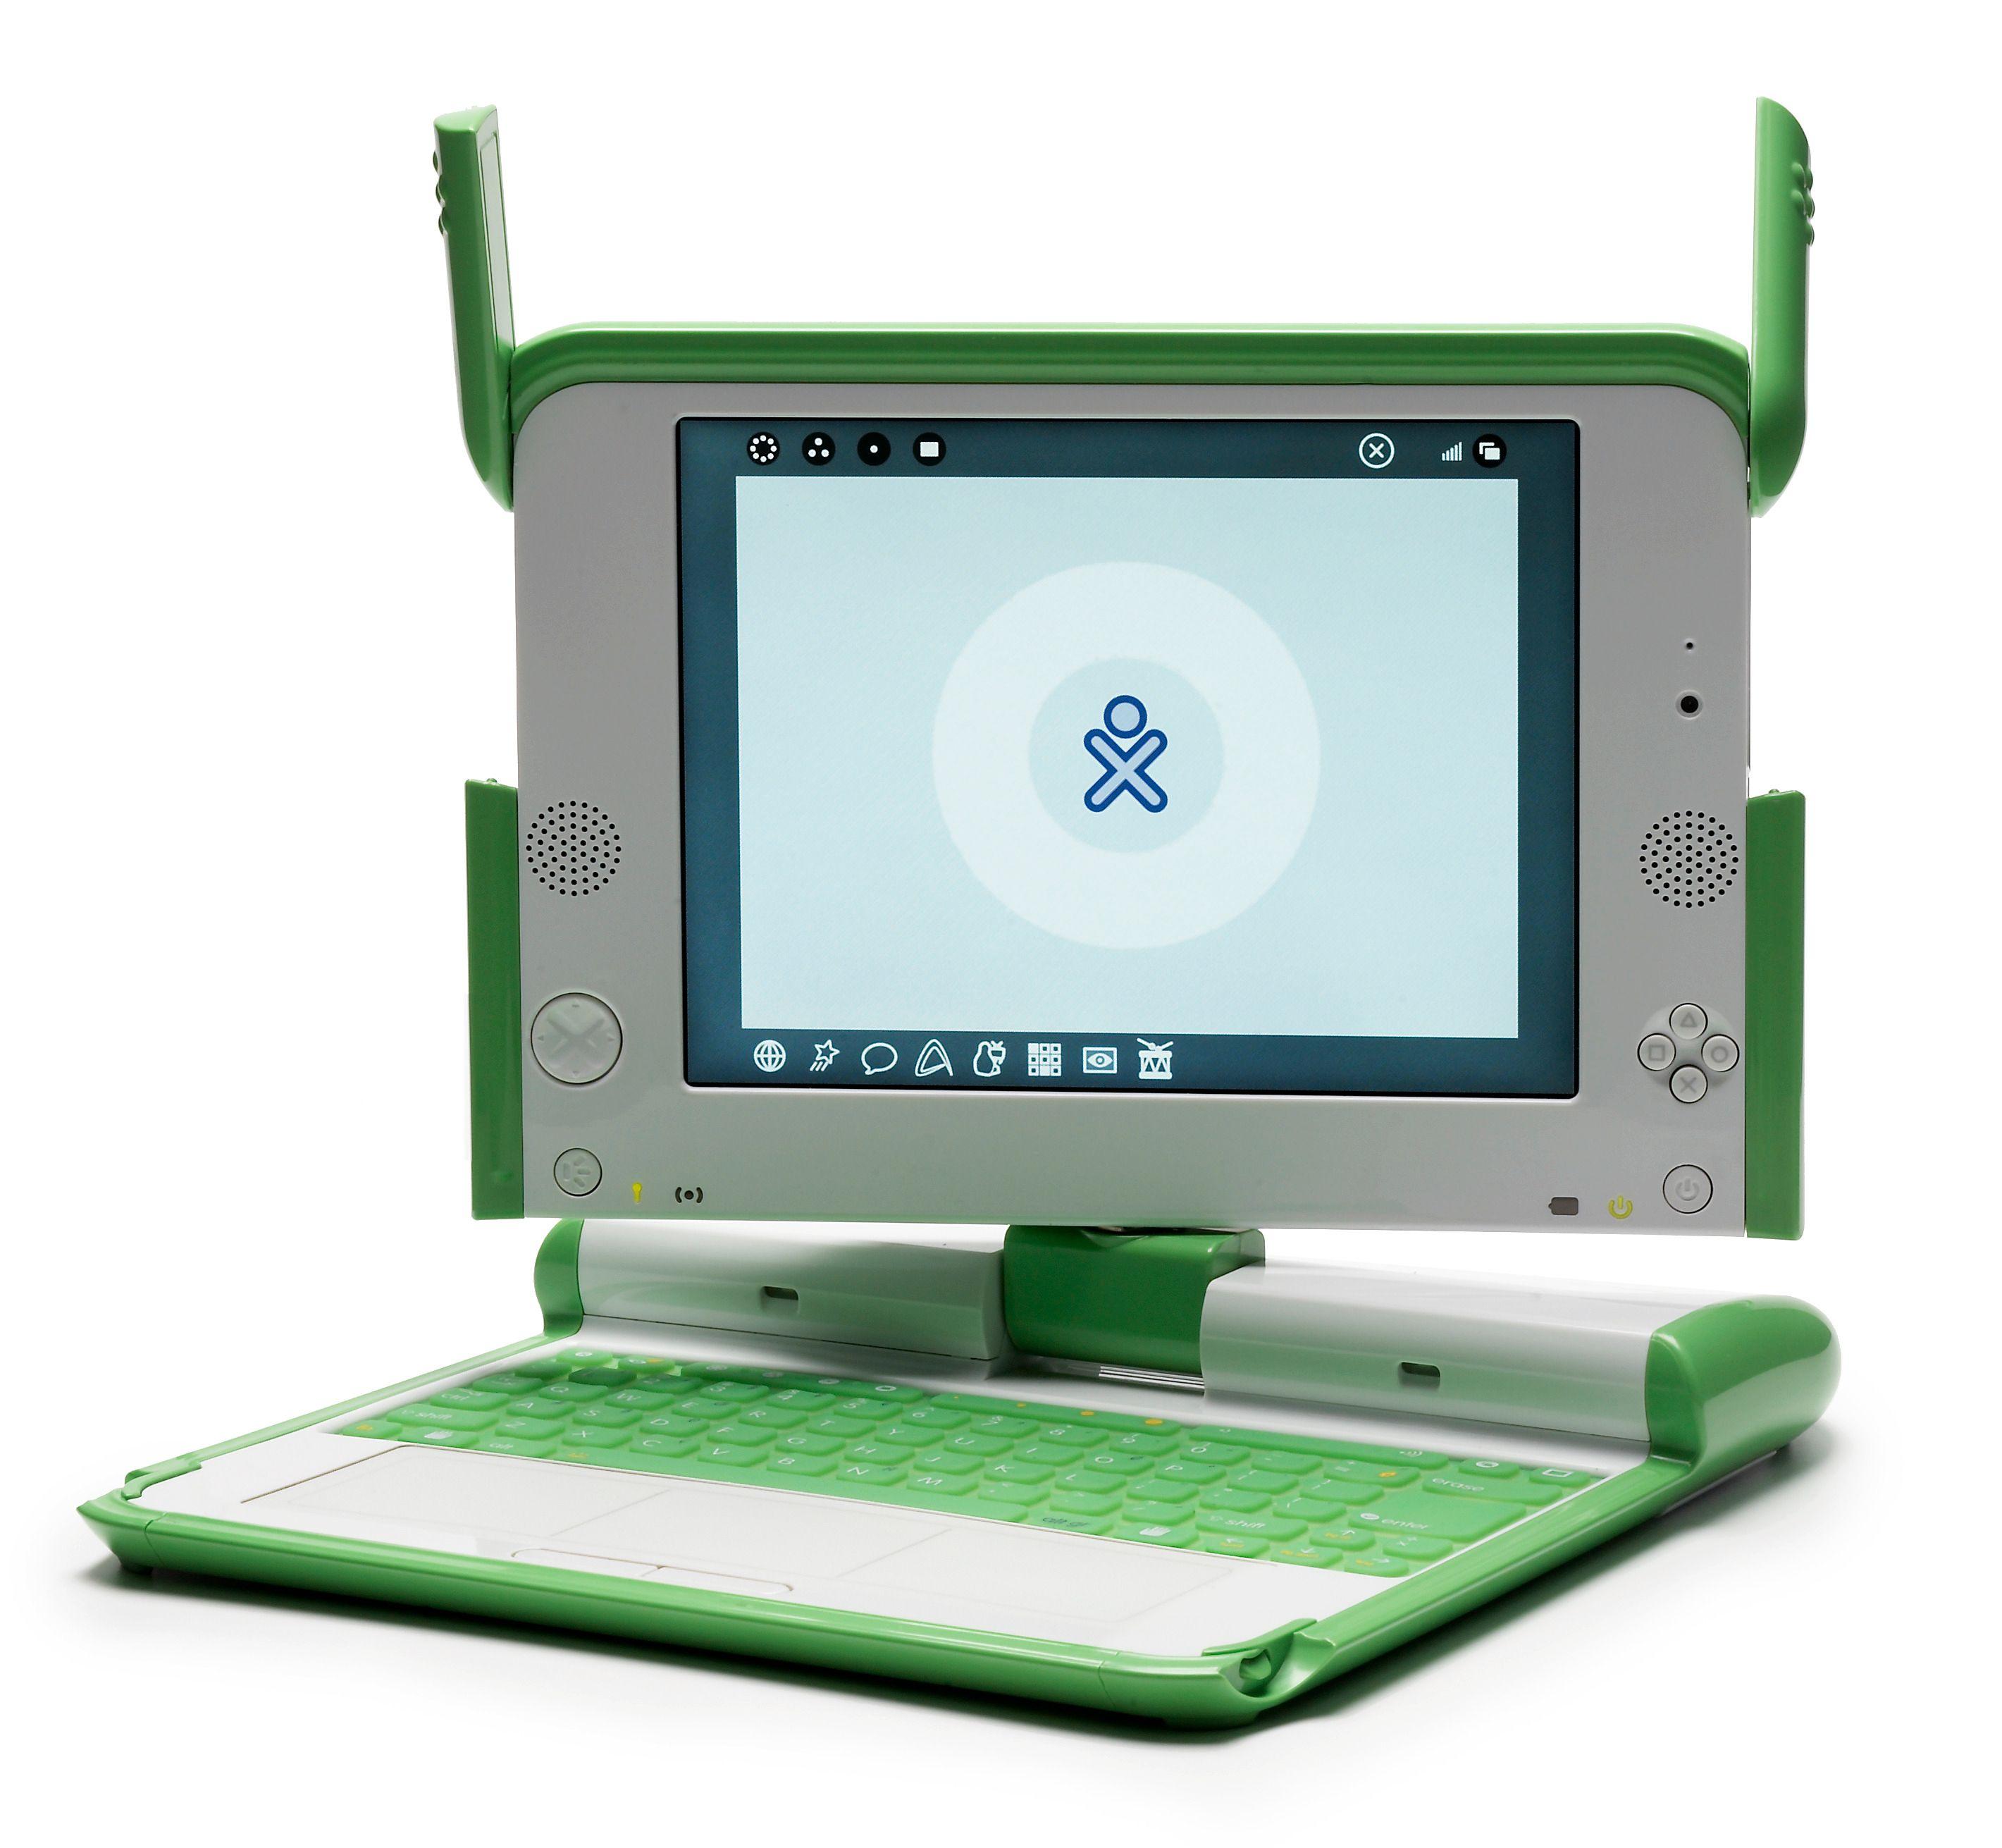 XO-1-datamaskinene i OLPC-prosjektet er kanskje de mest kjente dingsene som benytter seg av mesh-nettverk. Foto: Mike McGregor (CCBY2.5)